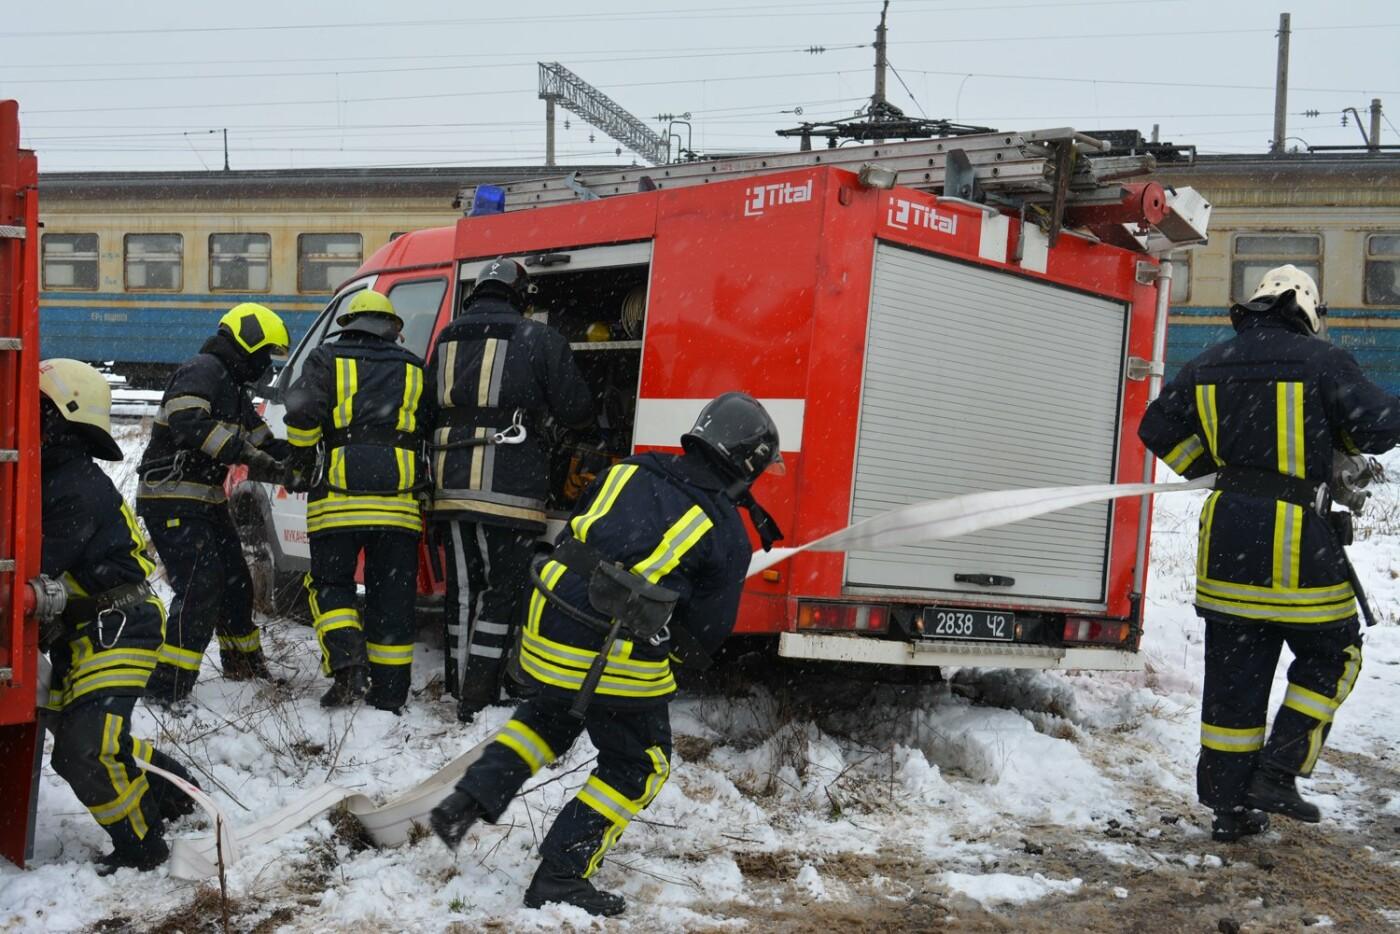 Потяг зійшов з рейок - 2 людини загинуло, 70 травмовано: на Закарпатті розпочалися командно-штабні навчання (ФОТОРЕПОРТАЖ), фото-5